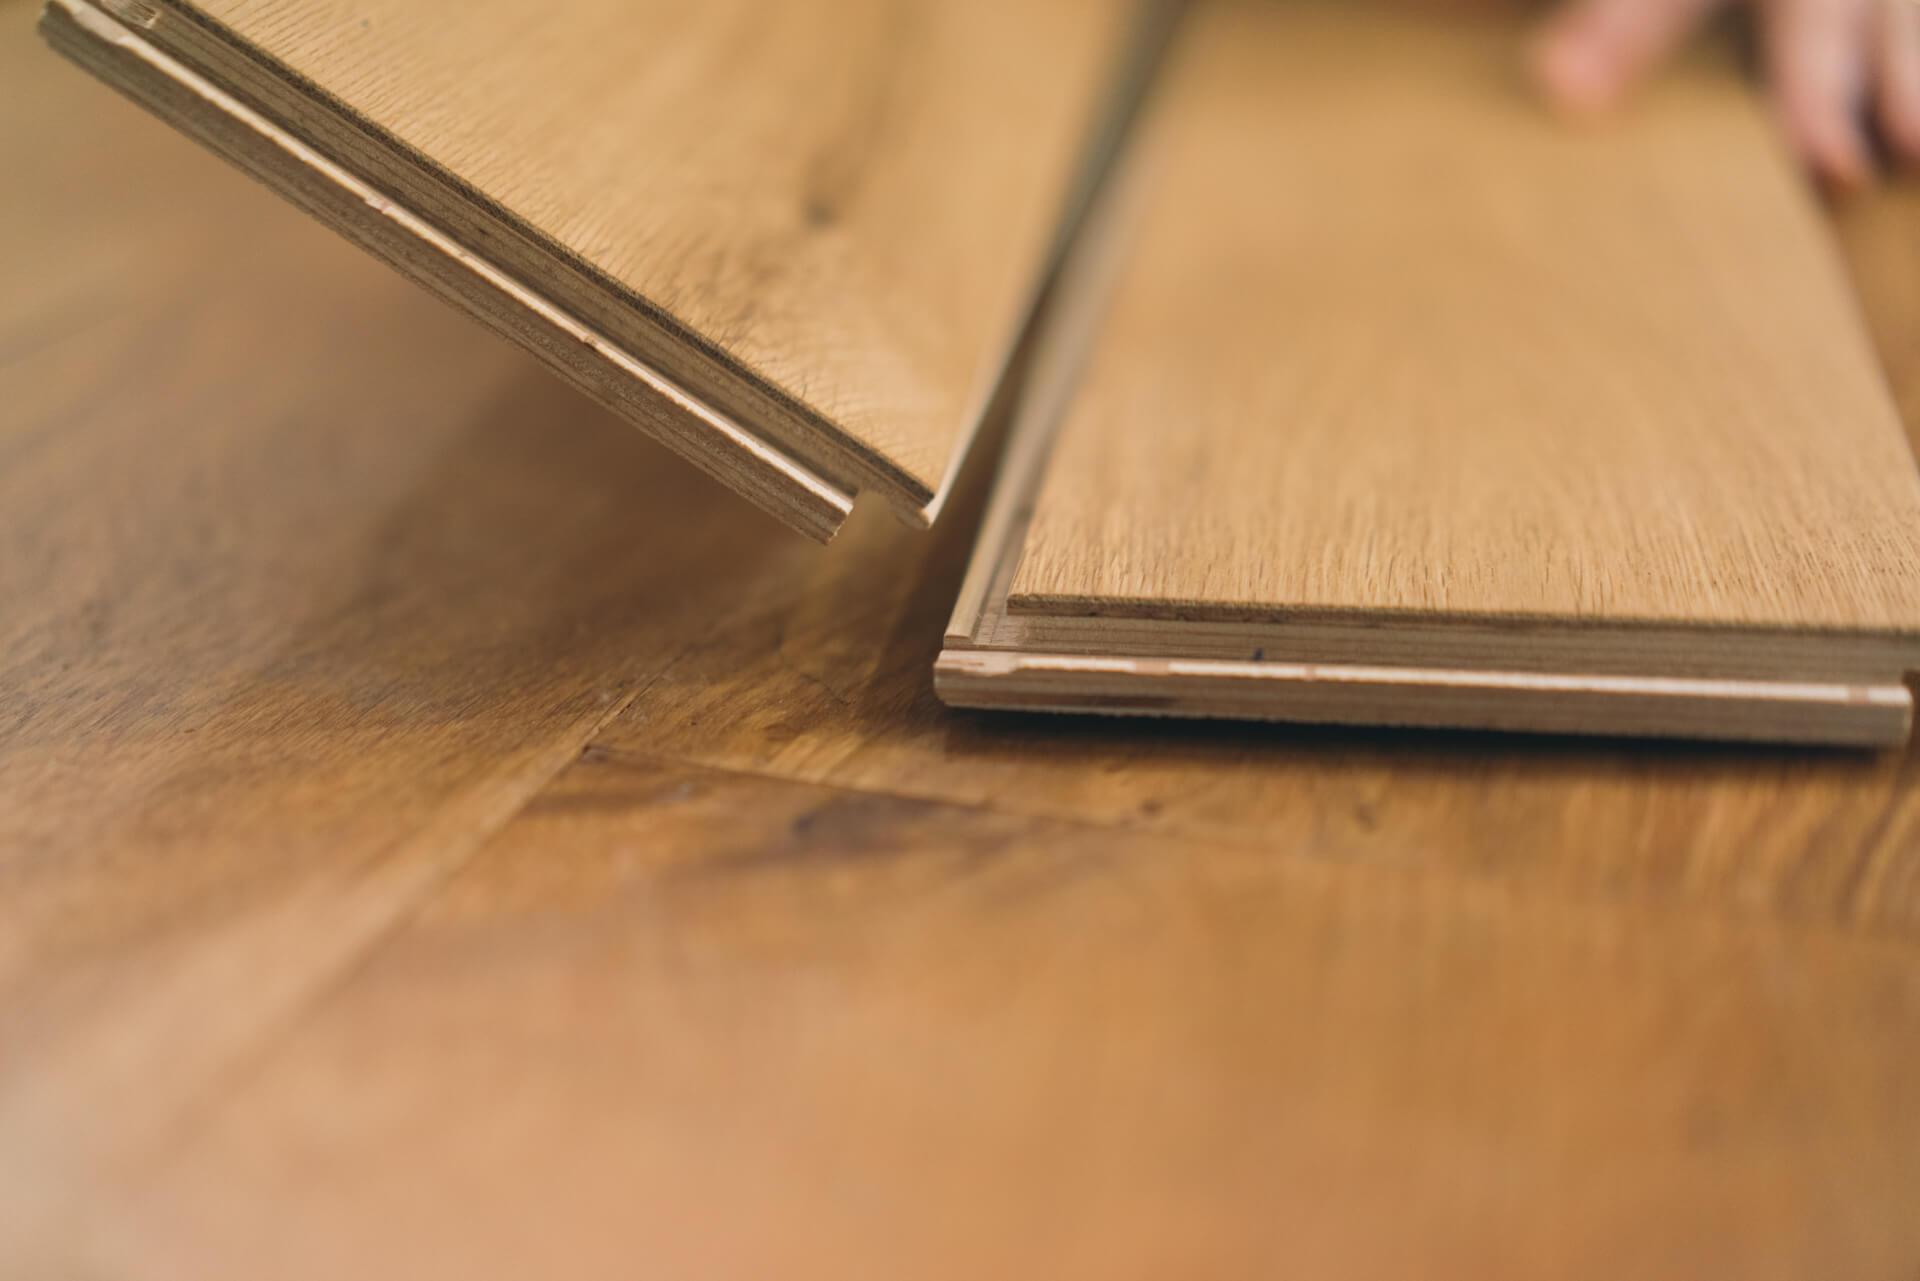 特殊なジョイントをはめこんでいくので、ずれたり隙間が気になることもありません。厚さ12mmと極力薄くすることでドアなど建具と干渉するリスクも低減。